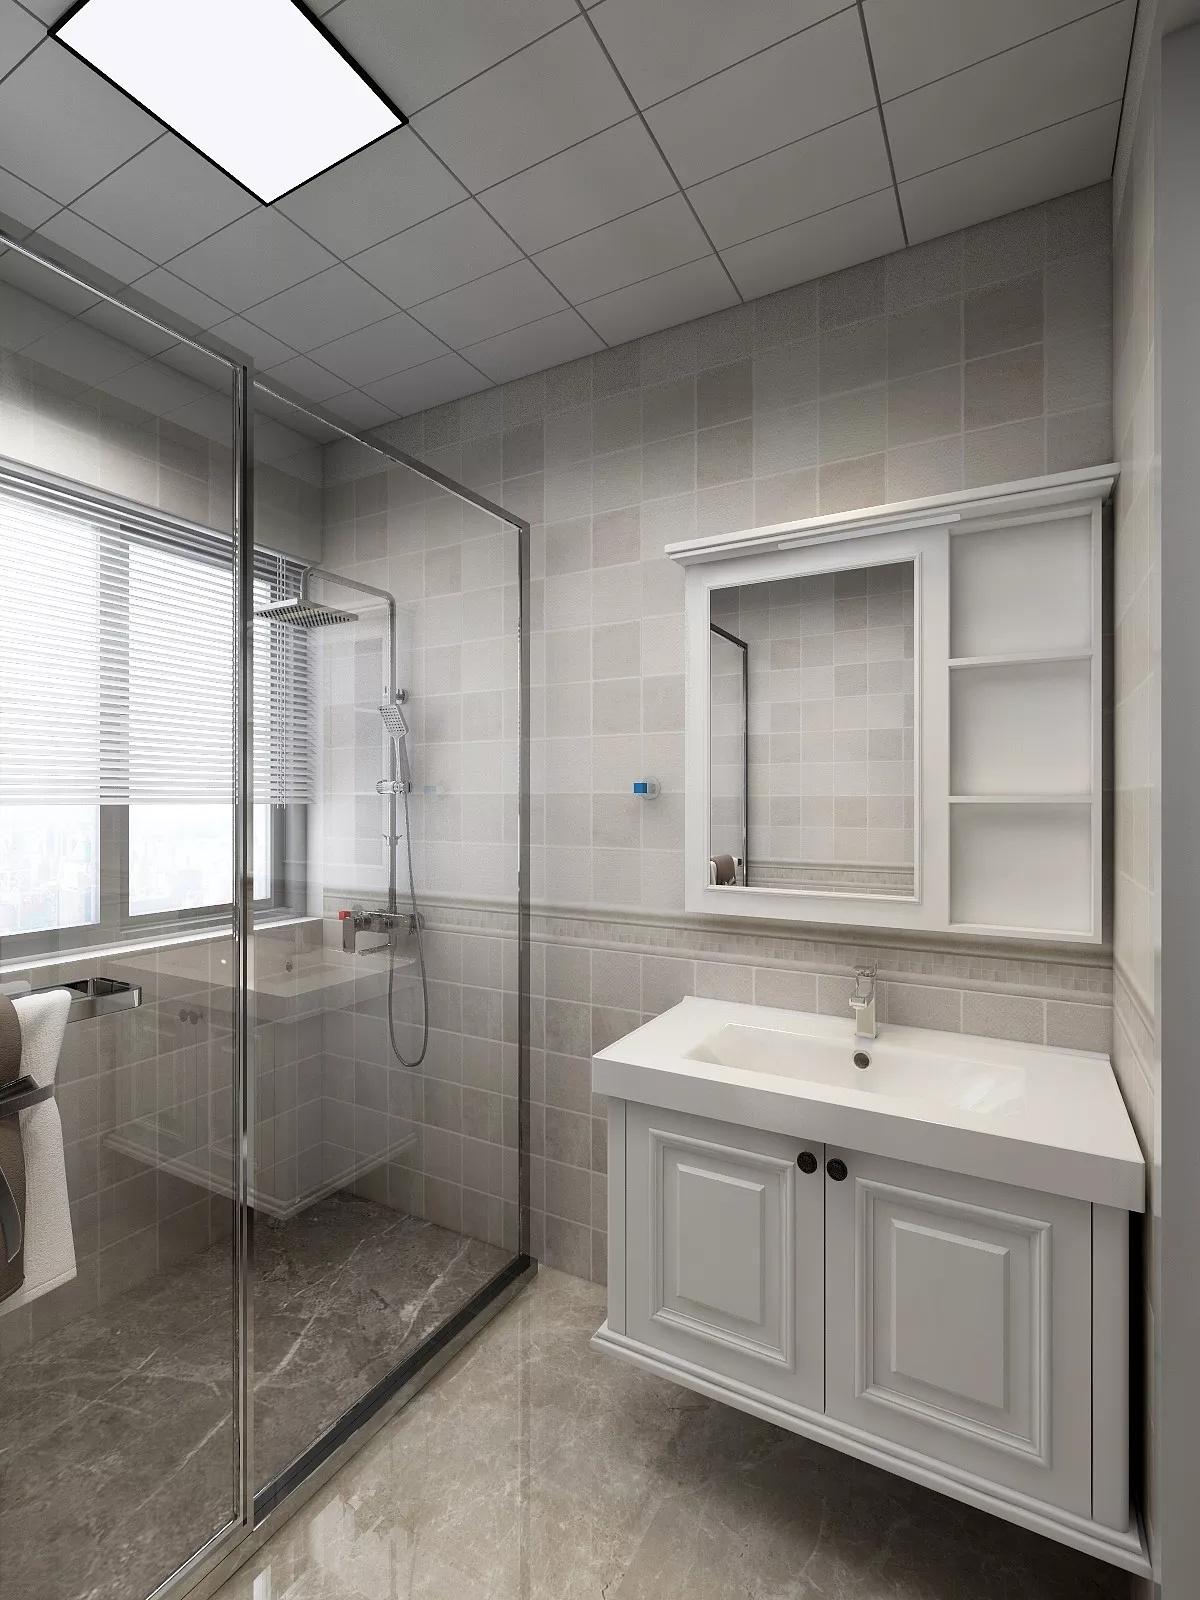 卫生间镜子风水宜忌 卫生间装修注意事项